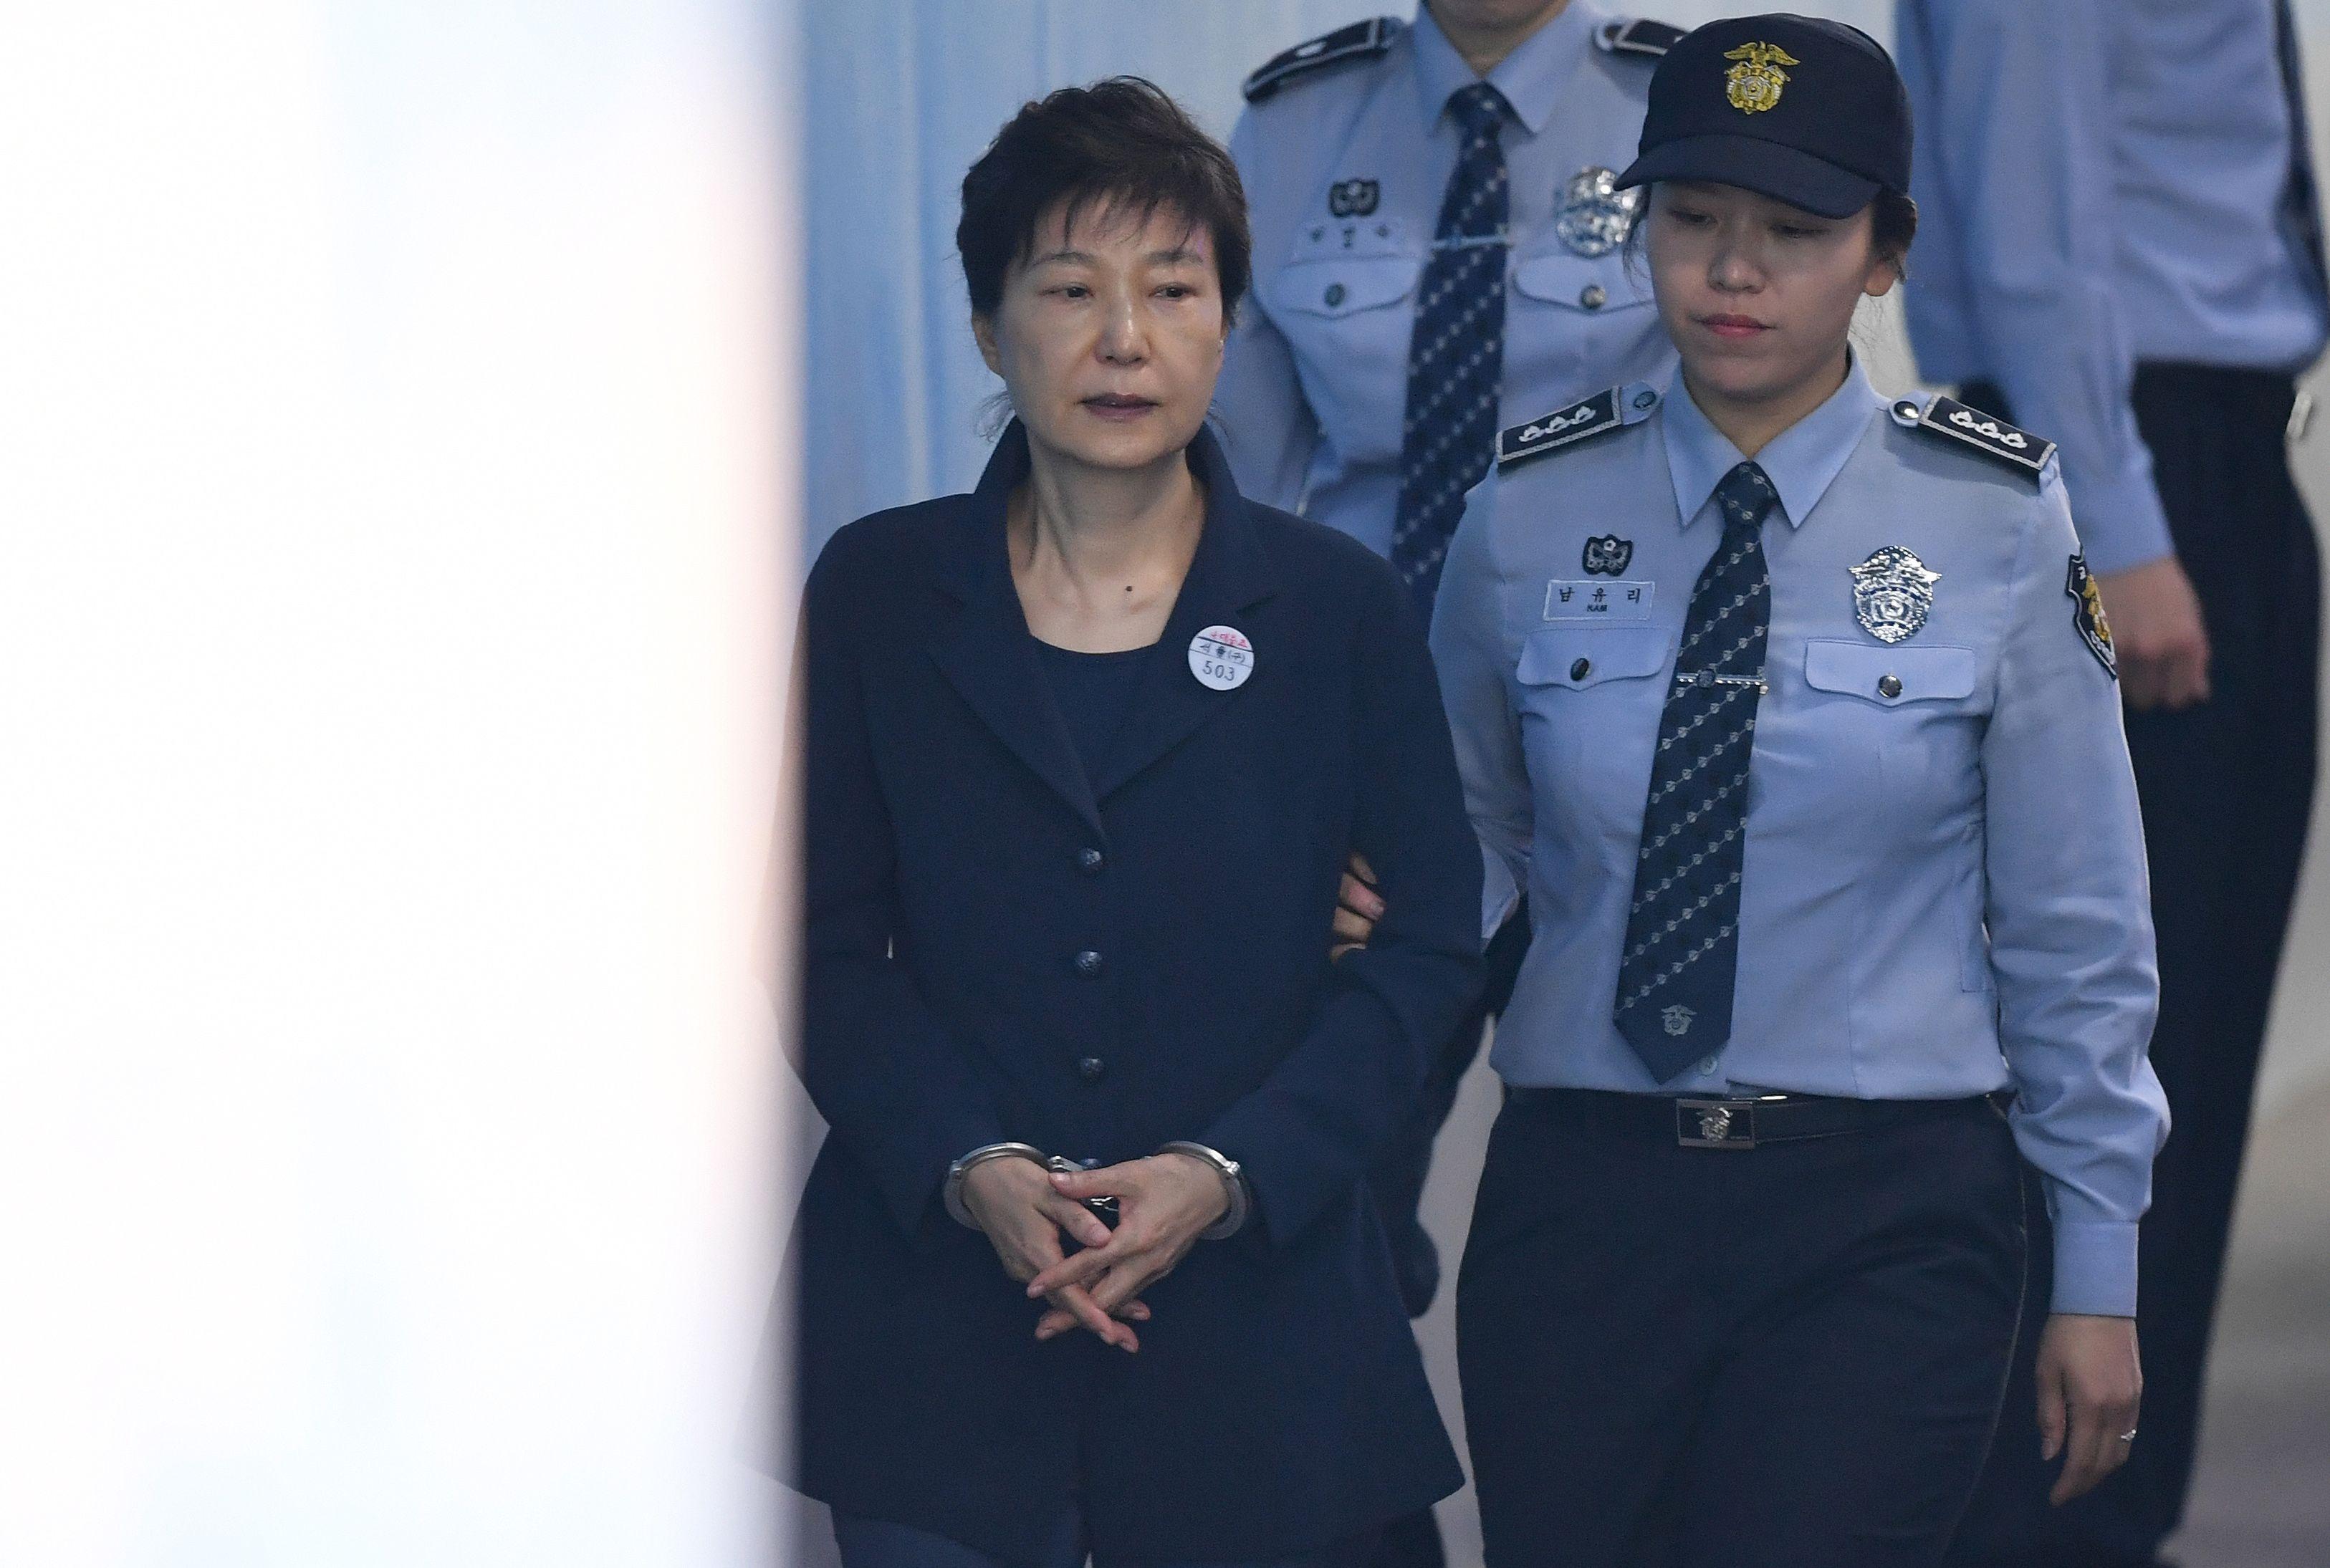 لحظة دخول رئيسة كوريا الجنوبية السابقة بـالكلابشات إلى قاعة المحكمة